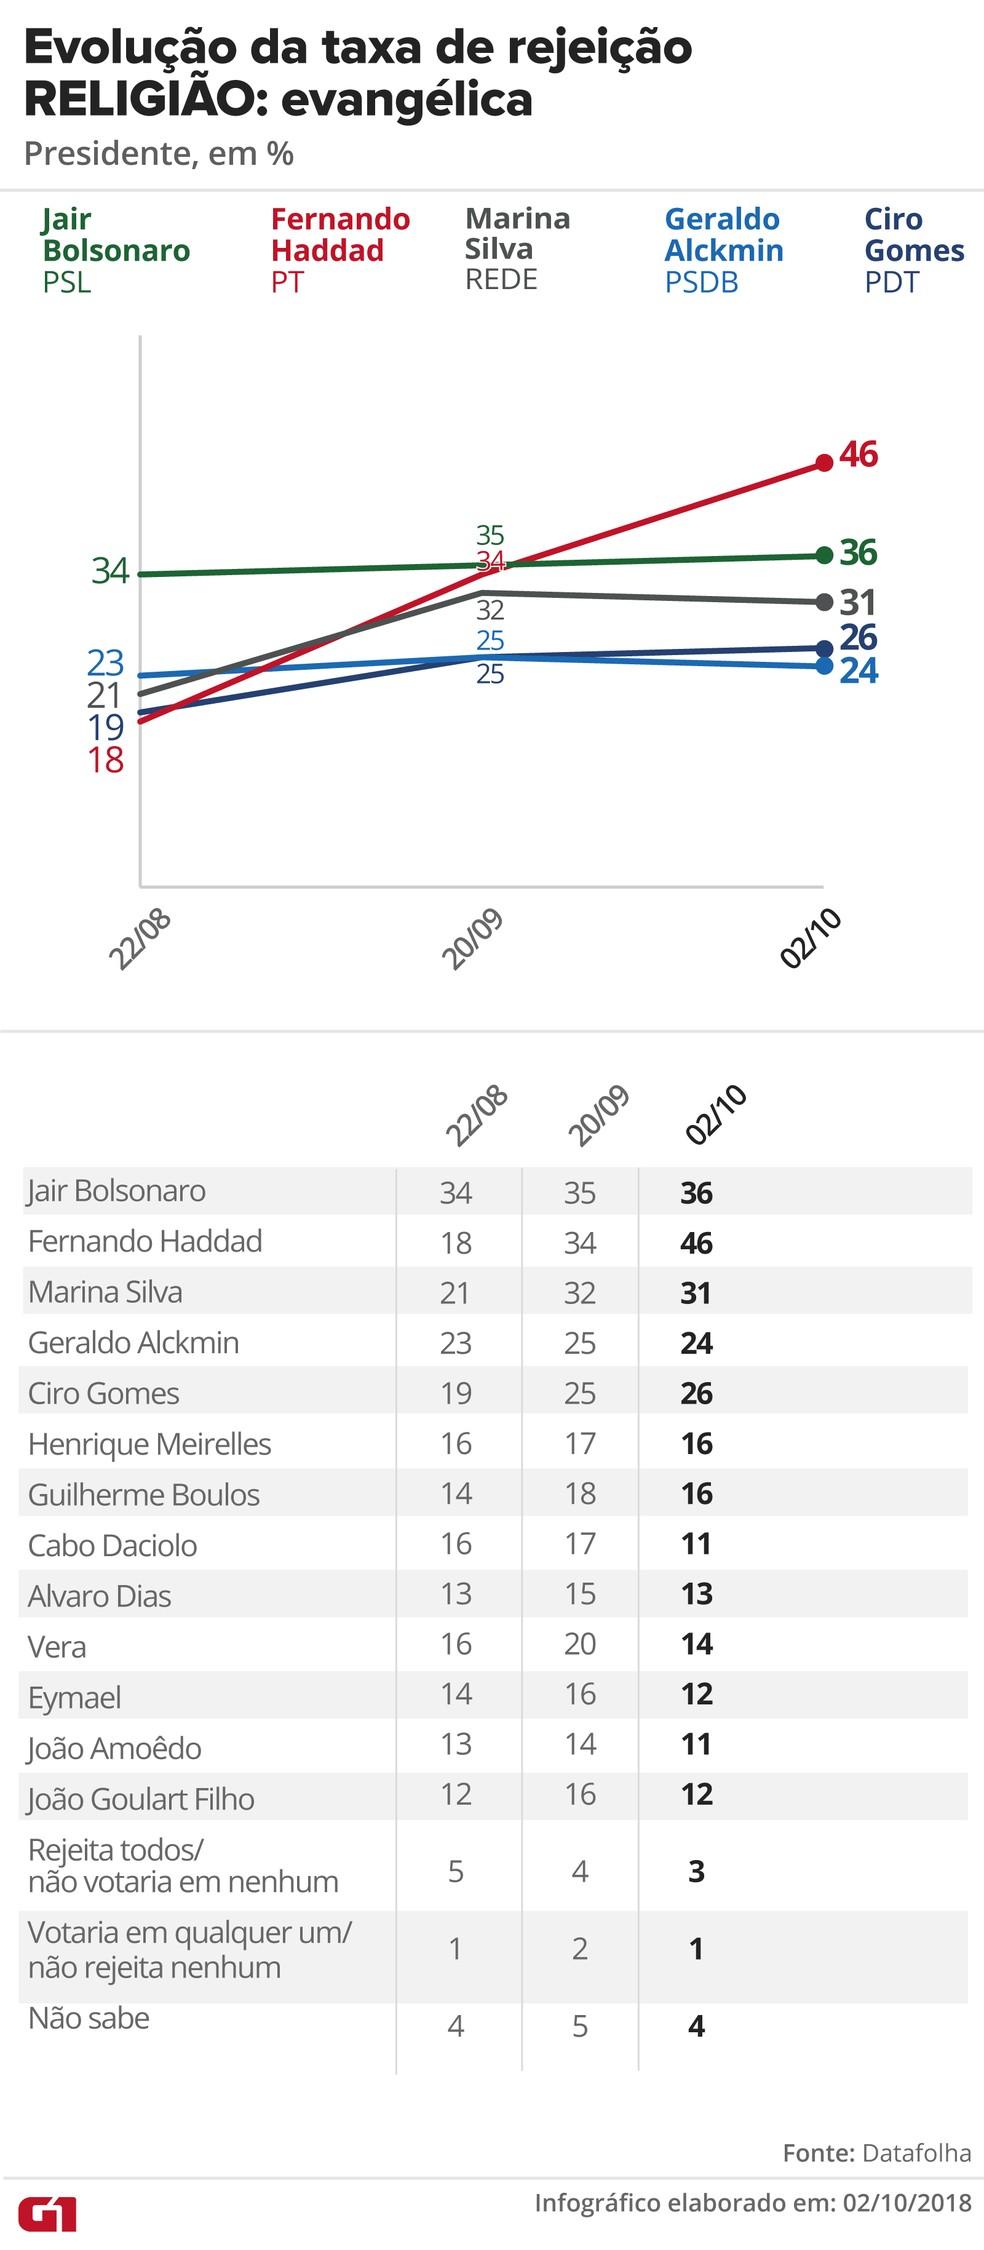 Pesquisa Datafolha, 2/10 para presidente - Rejeição - Religião: Evangélica — Foto: G1 Arte